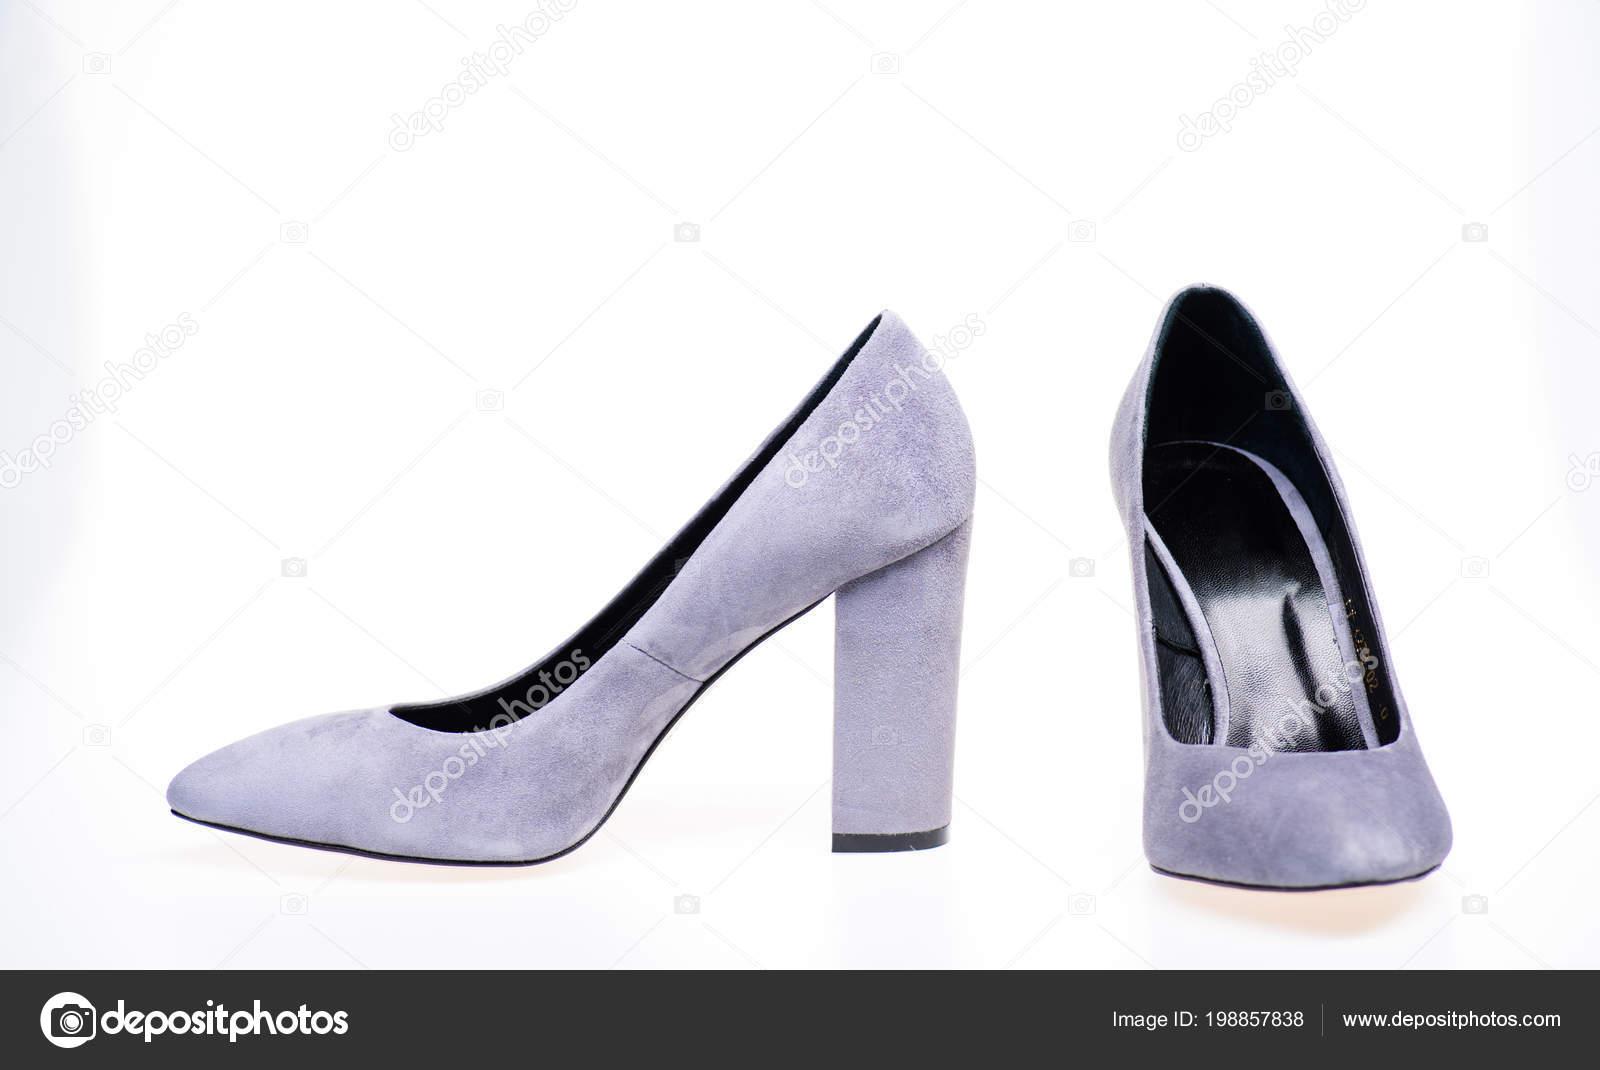 33a56ba81e Par de zapatos de tacón alto de moda. Zapatos de gamuza gris sobre fondo  blanco